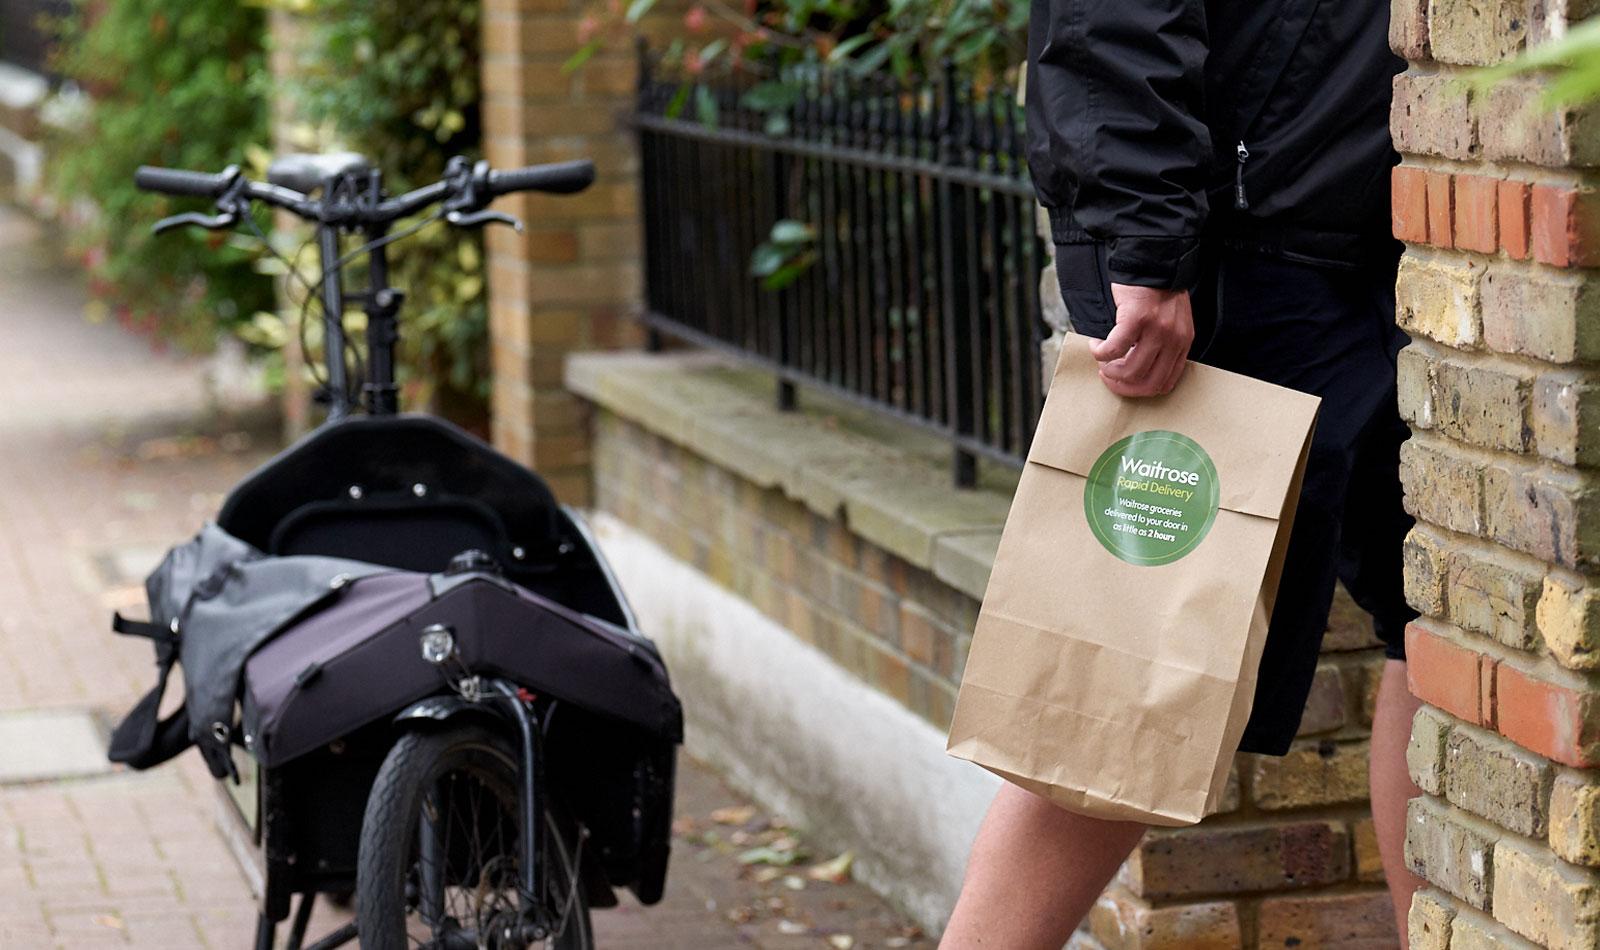 man delivering Waitrose bag of food